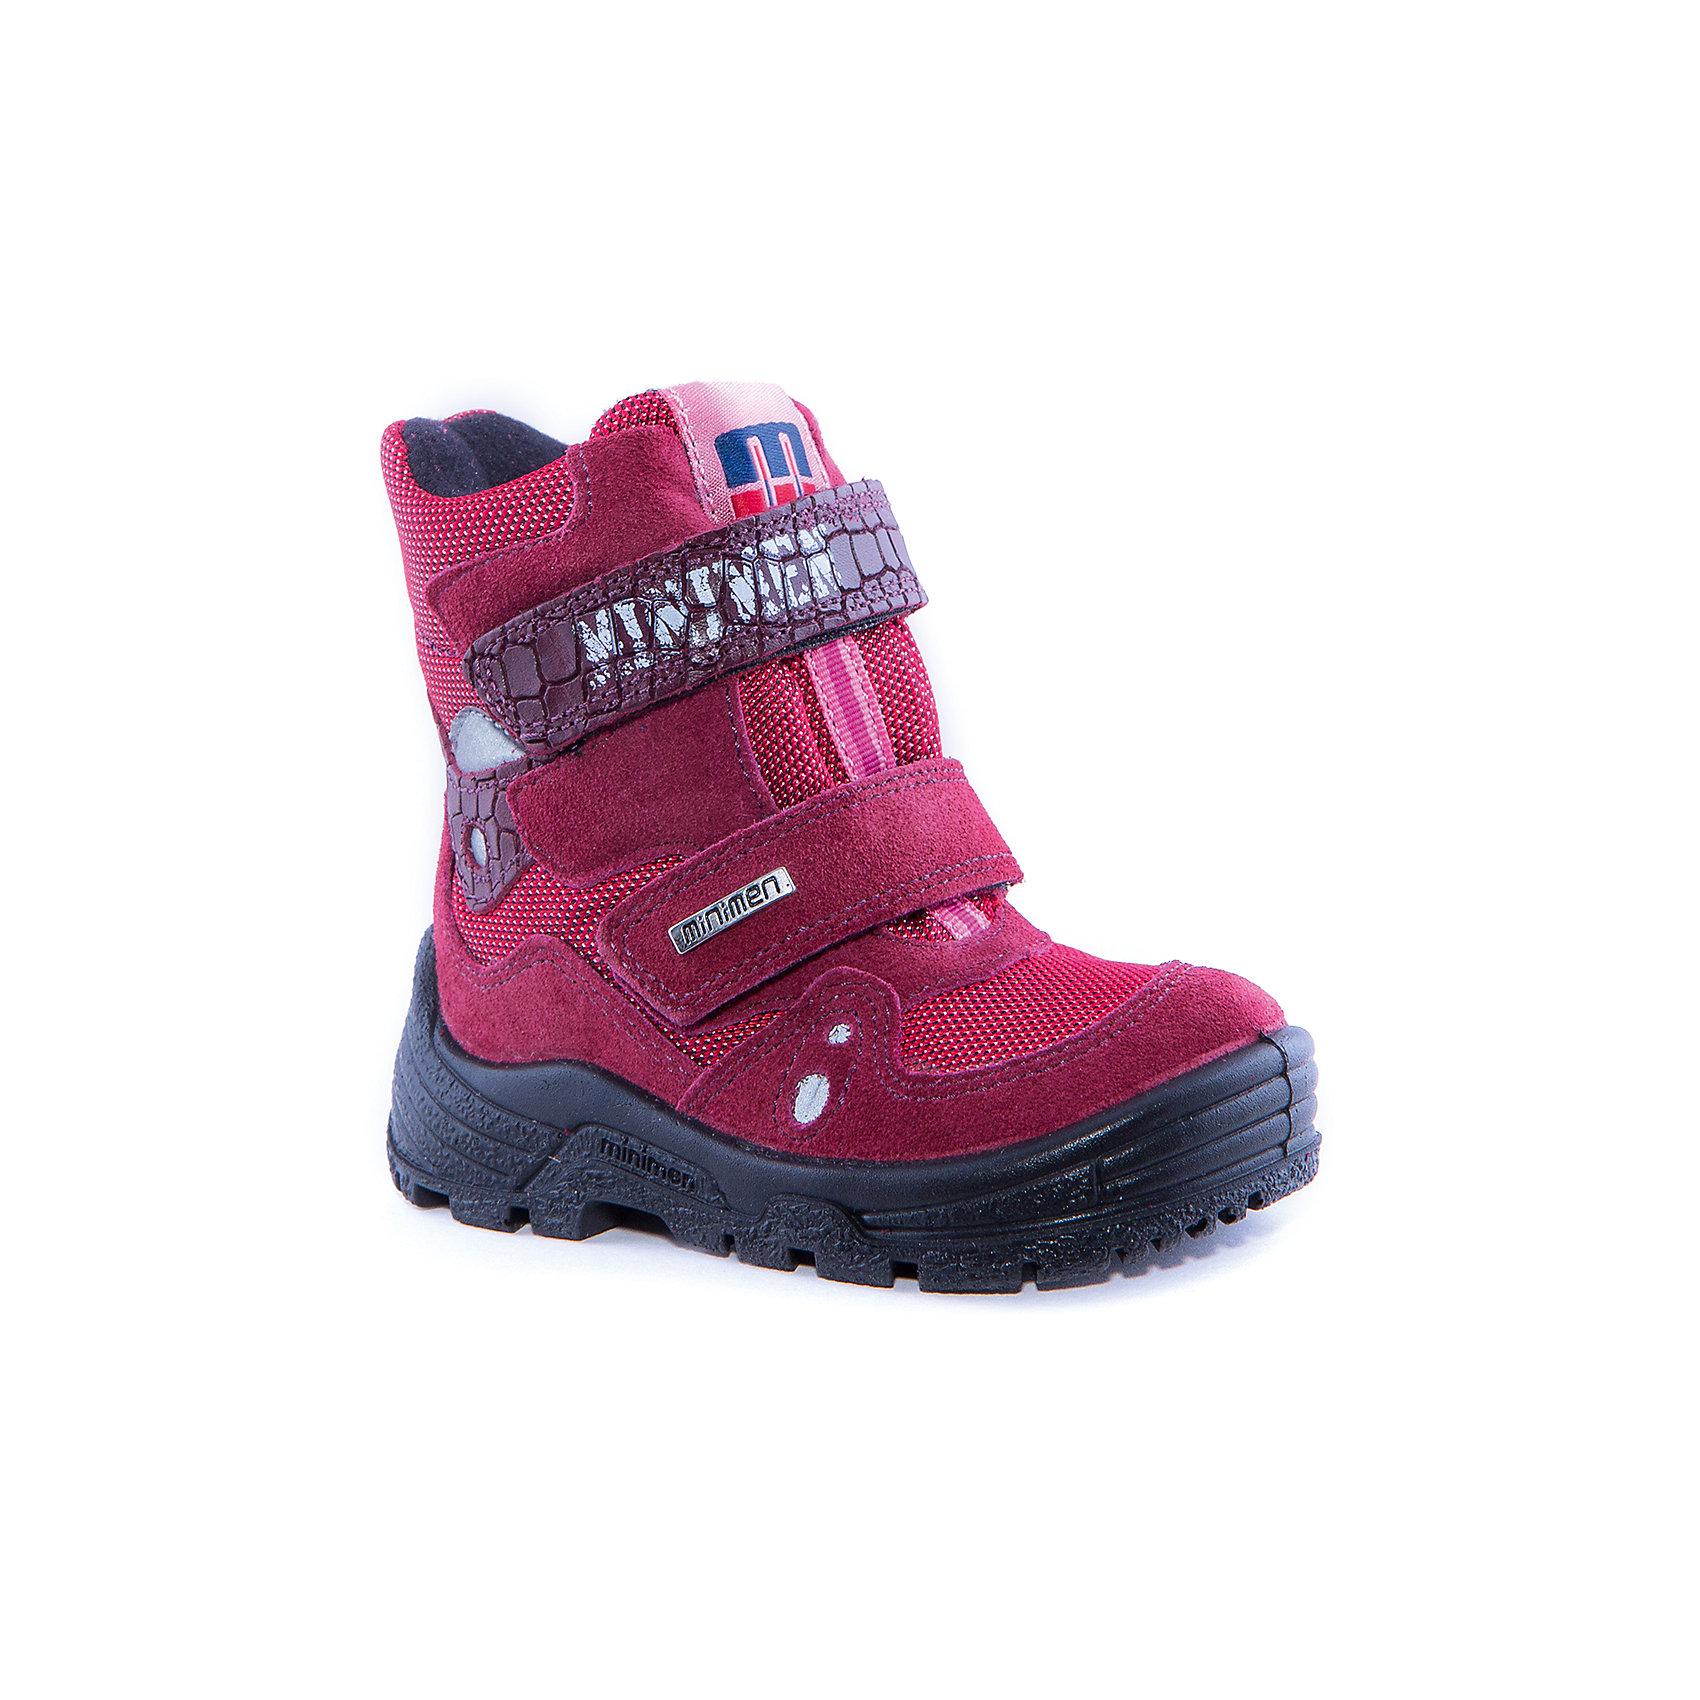 Сапоги  для девочки MinimenСапоги для девочки от известного бренда Minimen<br><br>Стильные утепленные сапоги Minimen созданы для ношения в межсезонье и начинающиеся холода. Их форма тщательно проработана, поэтому детским ножкам в такой обуви тепло и комфортно. Качественные материалы позволяют сделать изделия износостойкими и удобными.<br><br>При создании этой модели использована мембрана SympaTex. Она добавляется в подкладку обуви и позволяют ногам оставаться сухими и теплыми. Мембрана активно отводит влагу наружу, и не дает жидкости проникать внутрь, а также  не создает препятствий для воздуха, обеспечивая комфортные условия для детских ножек.<br><br>Отличительные особенности модели:<br><br>- цвет: красный;<br>- мембрана SympaTex;<br>- гибкая нескользящая подошва;<br>- усиленный носок и задник;<br>- эргономичная форма;<br>- удобная колодка;<br>- шерстяная подкладка;<br>- натуральная кожа;<br>- застежки-липучки.<br><br>Дополнительная информация:<br><br>- Температурный режим: от - 20° С  до +5° С.<br><br>- Состав:<br><br>материал верха: 100% натуральная кожа<br>материал подкладки: 100% шерсть<br>подошва: ТЭП<br><br>Сапоги для девочки Minimen (Минимен) можно купить в нашем магазине.<br><br>Ширина мм: 257<br>Глубина мм: 180<br>Высота мм: 130<br>Вес г: 420<br>Цвет: красный<br>Возраст от месяцев: 12<br>Возраст до месяцев: 15<br>Пол: Женский<br>Возраст: Детский<br>Размер: 22,26,28,24,21,29,27,23,25<br>SKU: 4295604